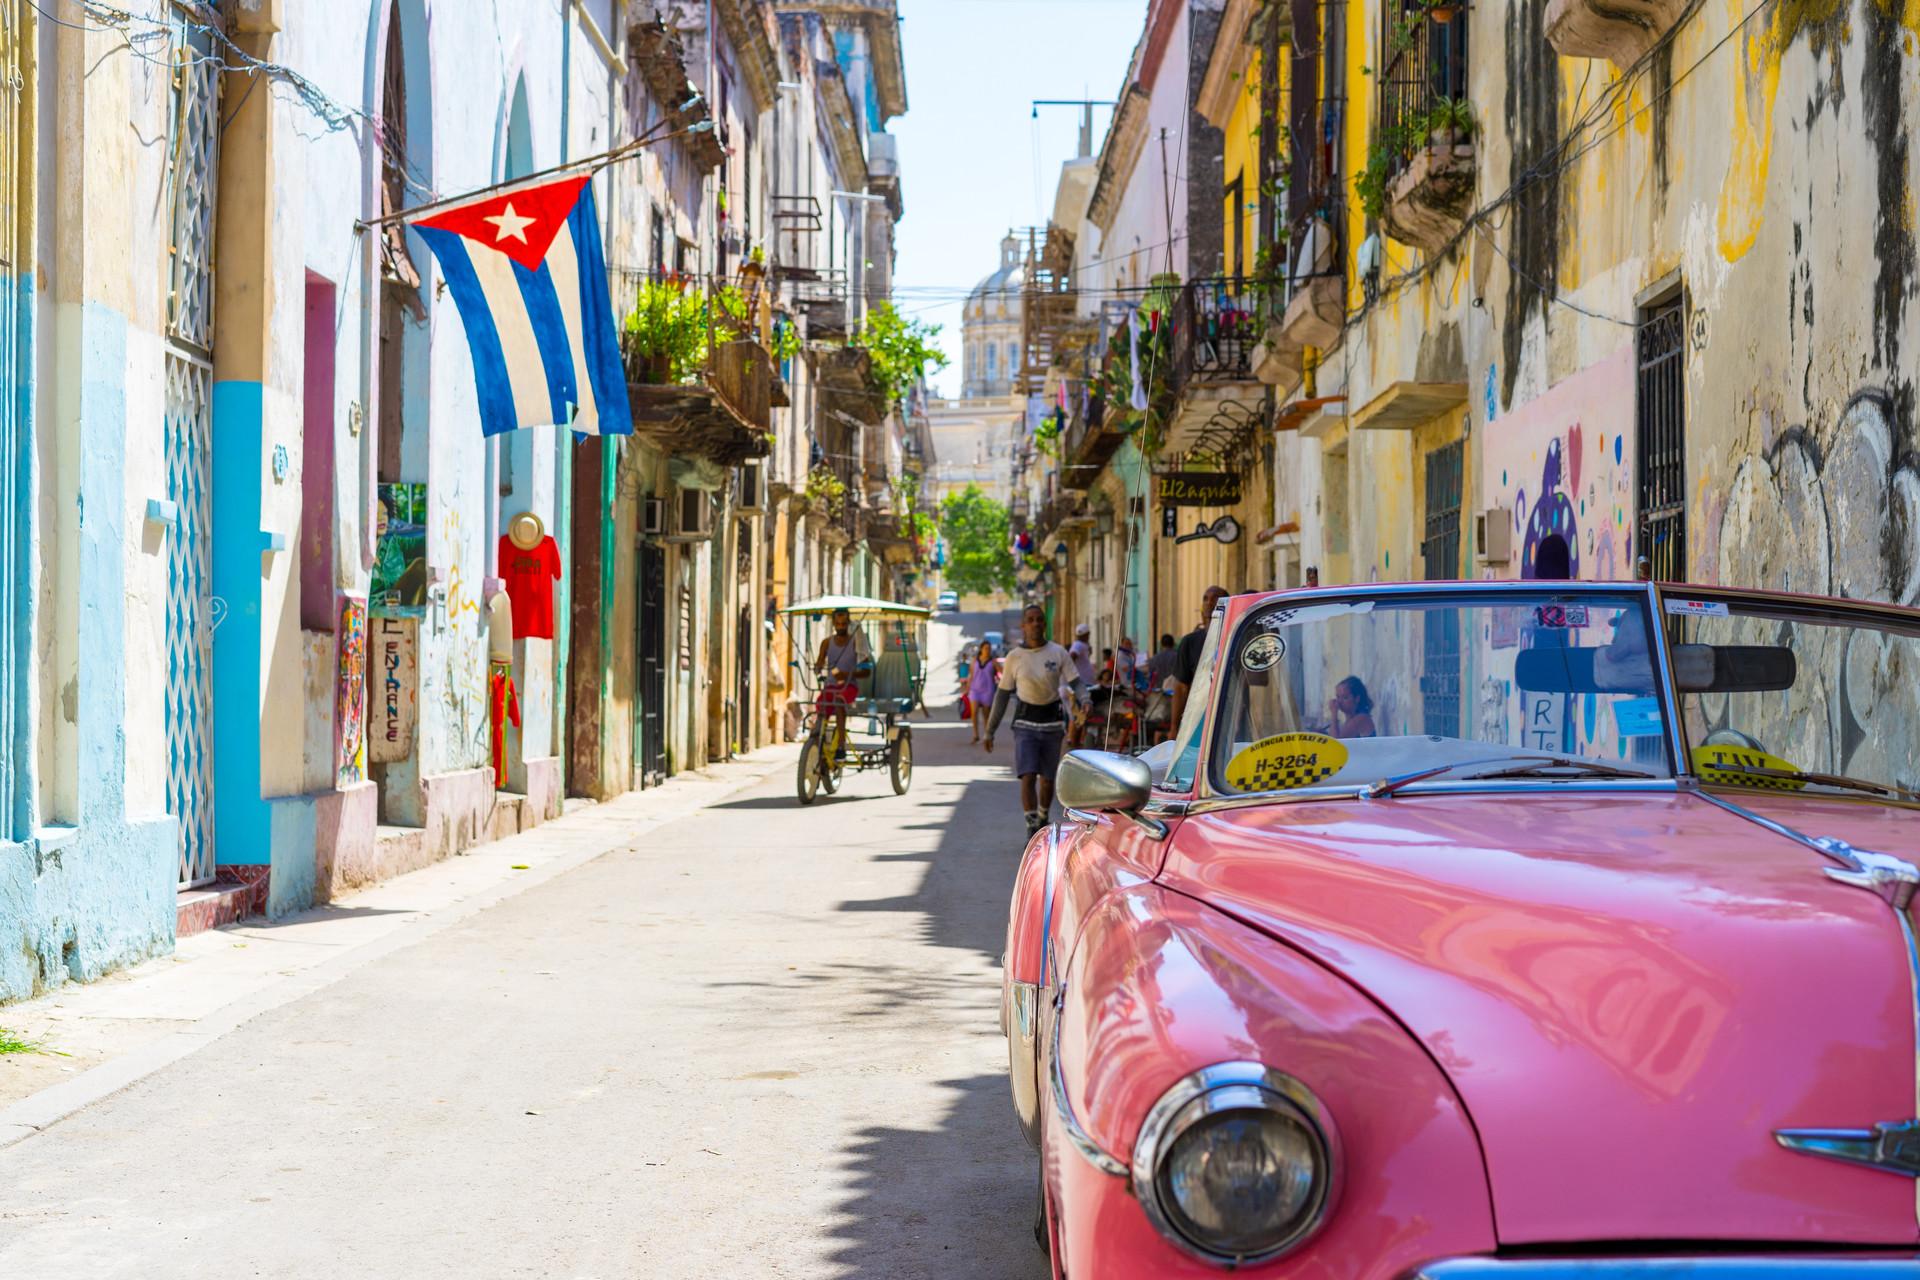 Kuba, City